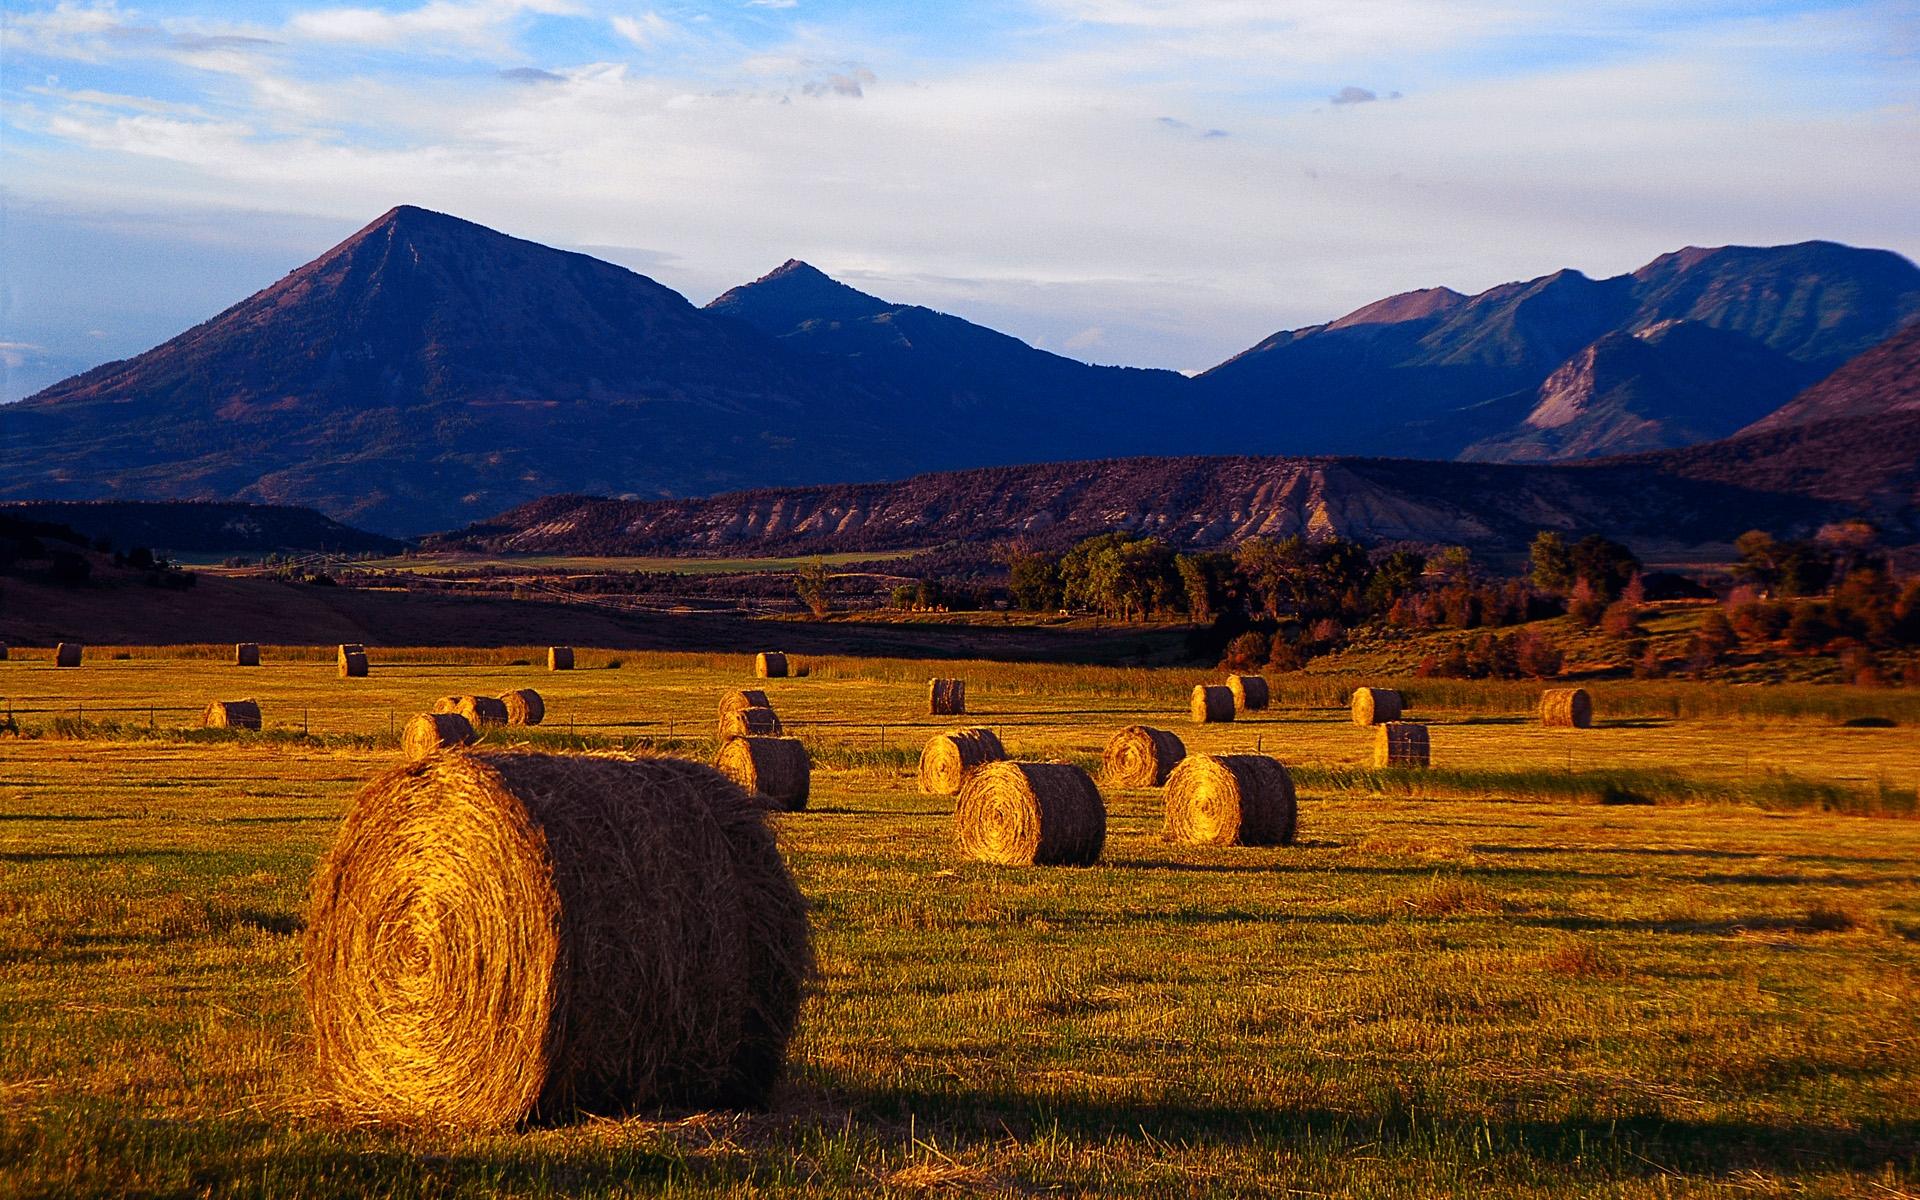 """收获的喜悦就像辛弃疾口中的的""""稻花香里说丰年,听取蛙声一片"""",收获的季节就像何其芳描述的"""" 放下饱食过稻香的镰刀,用背篓来装竹篱间肥硕的瓜果""""。一说到秋天,很多人脑海中想到的应该是收获的季节,是啊,秋天是小麦、瓜果等成熟的季节,是农民辛苦了一年收获的季节。 刚刚从秋天走过,你是否还带有一丝眷恋呢?微软今天就为着这份眷恋而推出了新的Windows 7主题""""收获季节""""。18张壁纸中呈现了金黄的小麦、丰盈的桃子、紫红的葡萄…&"""